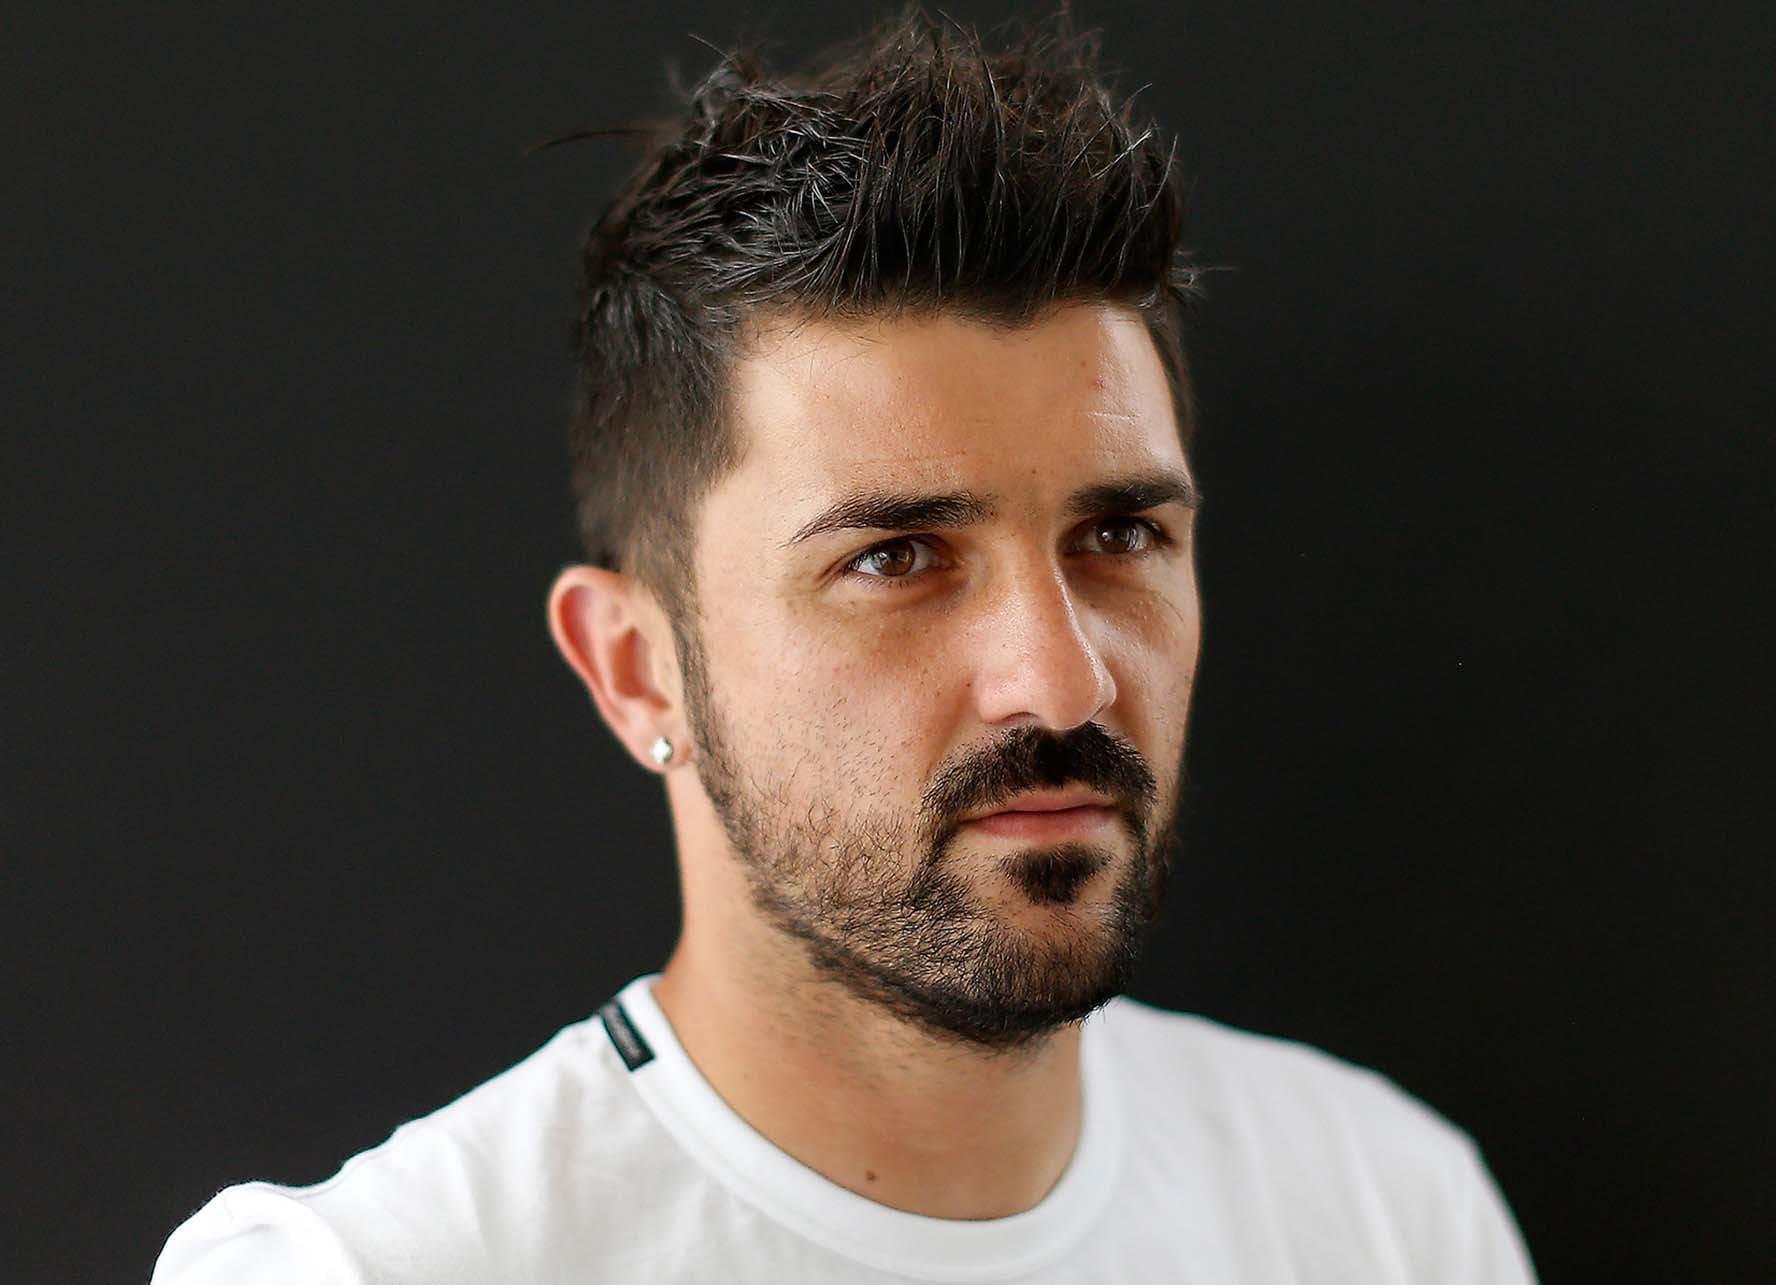 2018 David Villa Haircut 20 Mens Haircut Styles